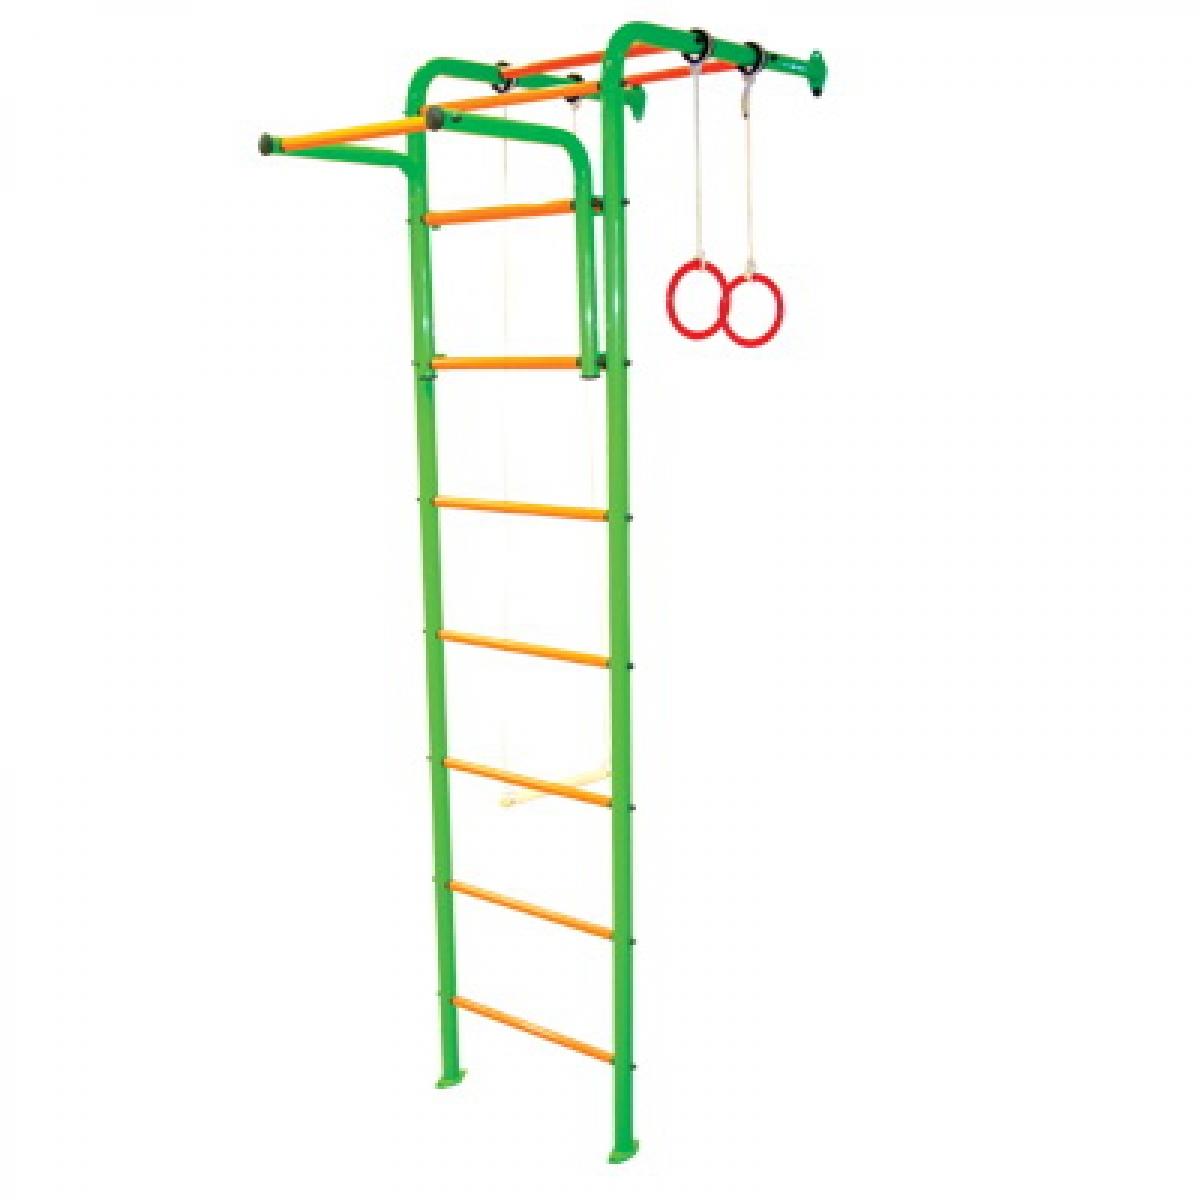 Шведская стенка (детский спортивный комплекс) ДСК-1 Альпинистик